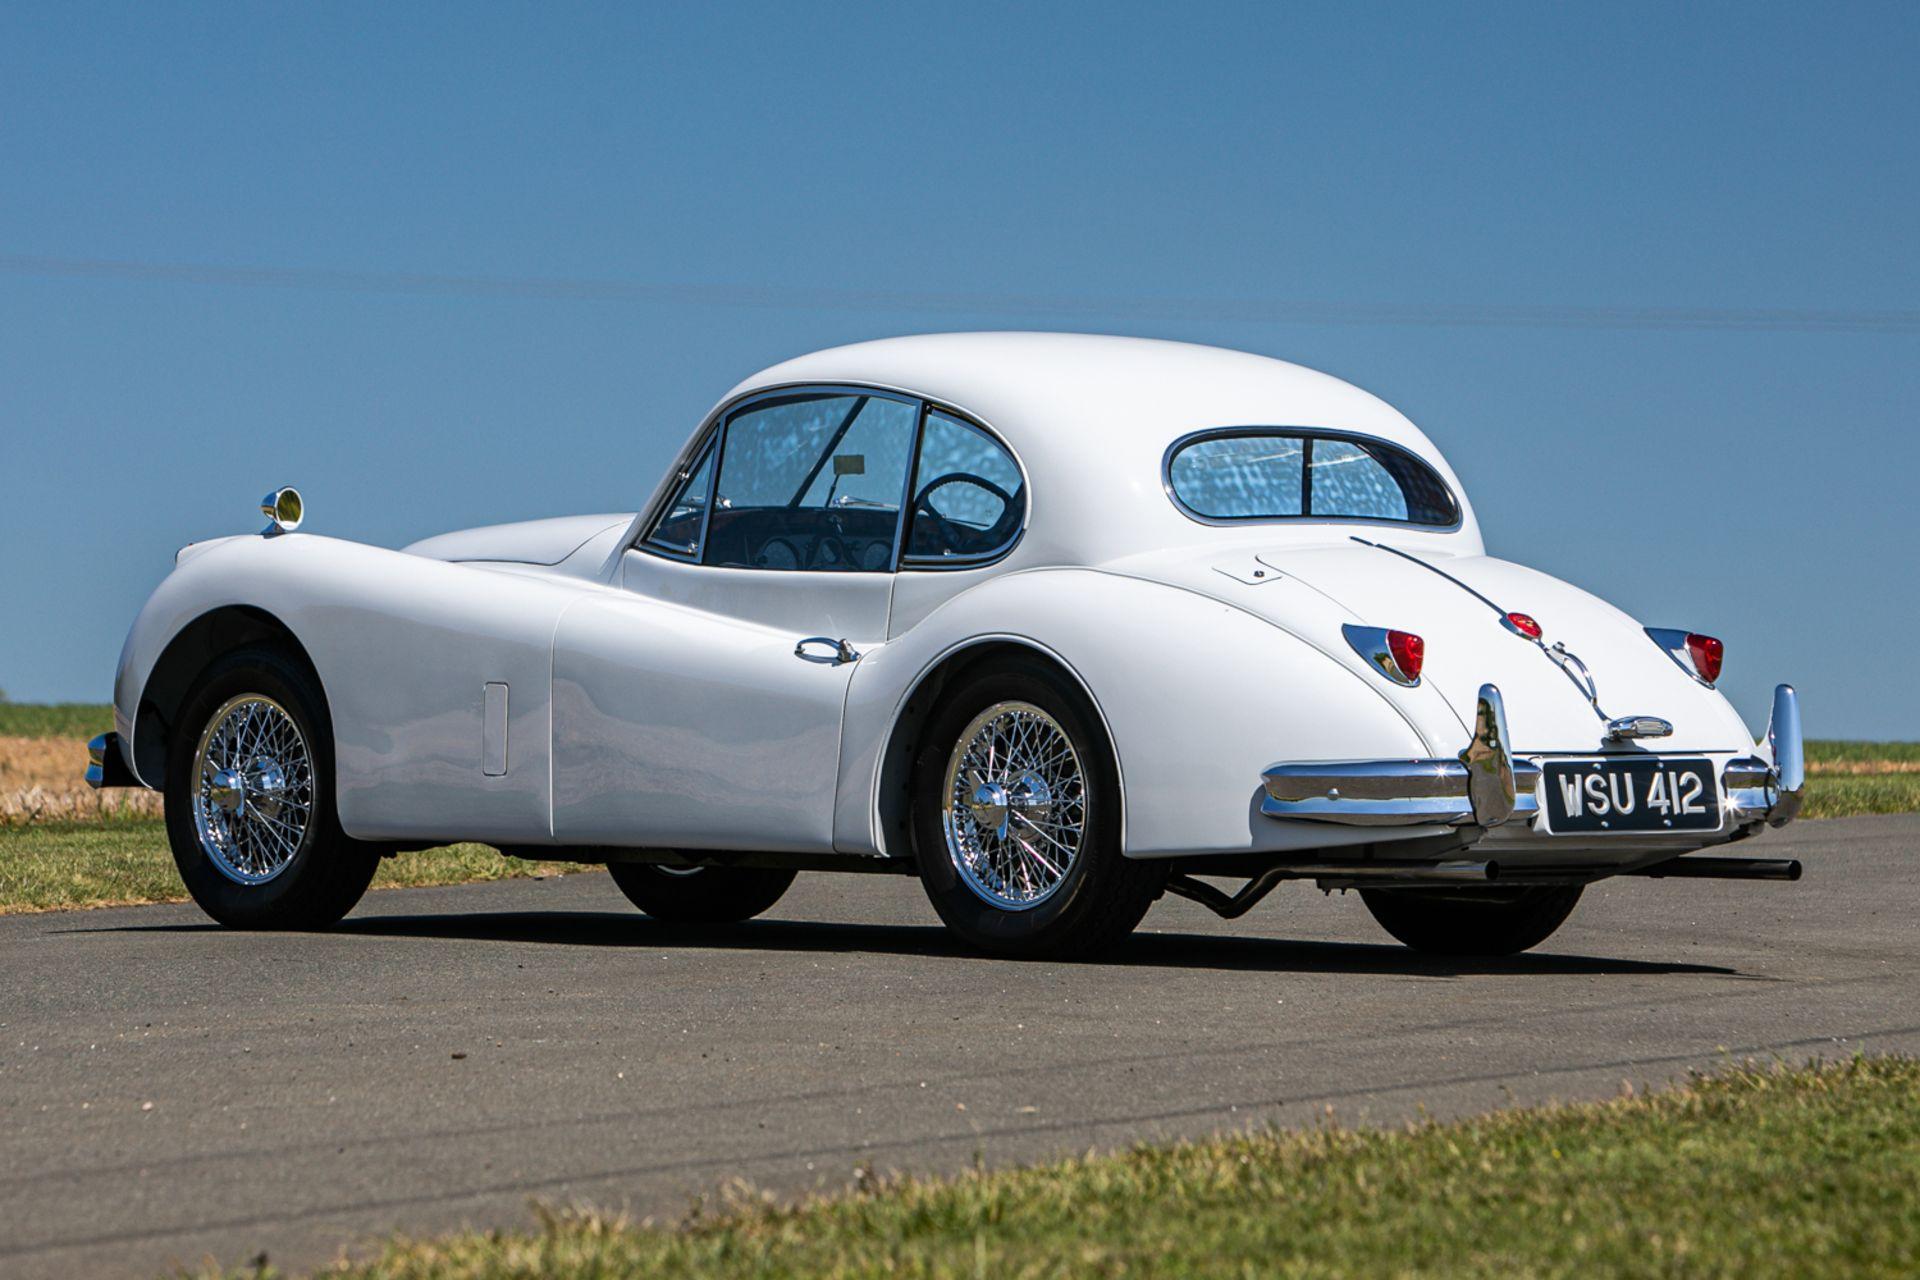 Lot 159 - 1955 Jaguar XK140 SE 3.4-litre FHC